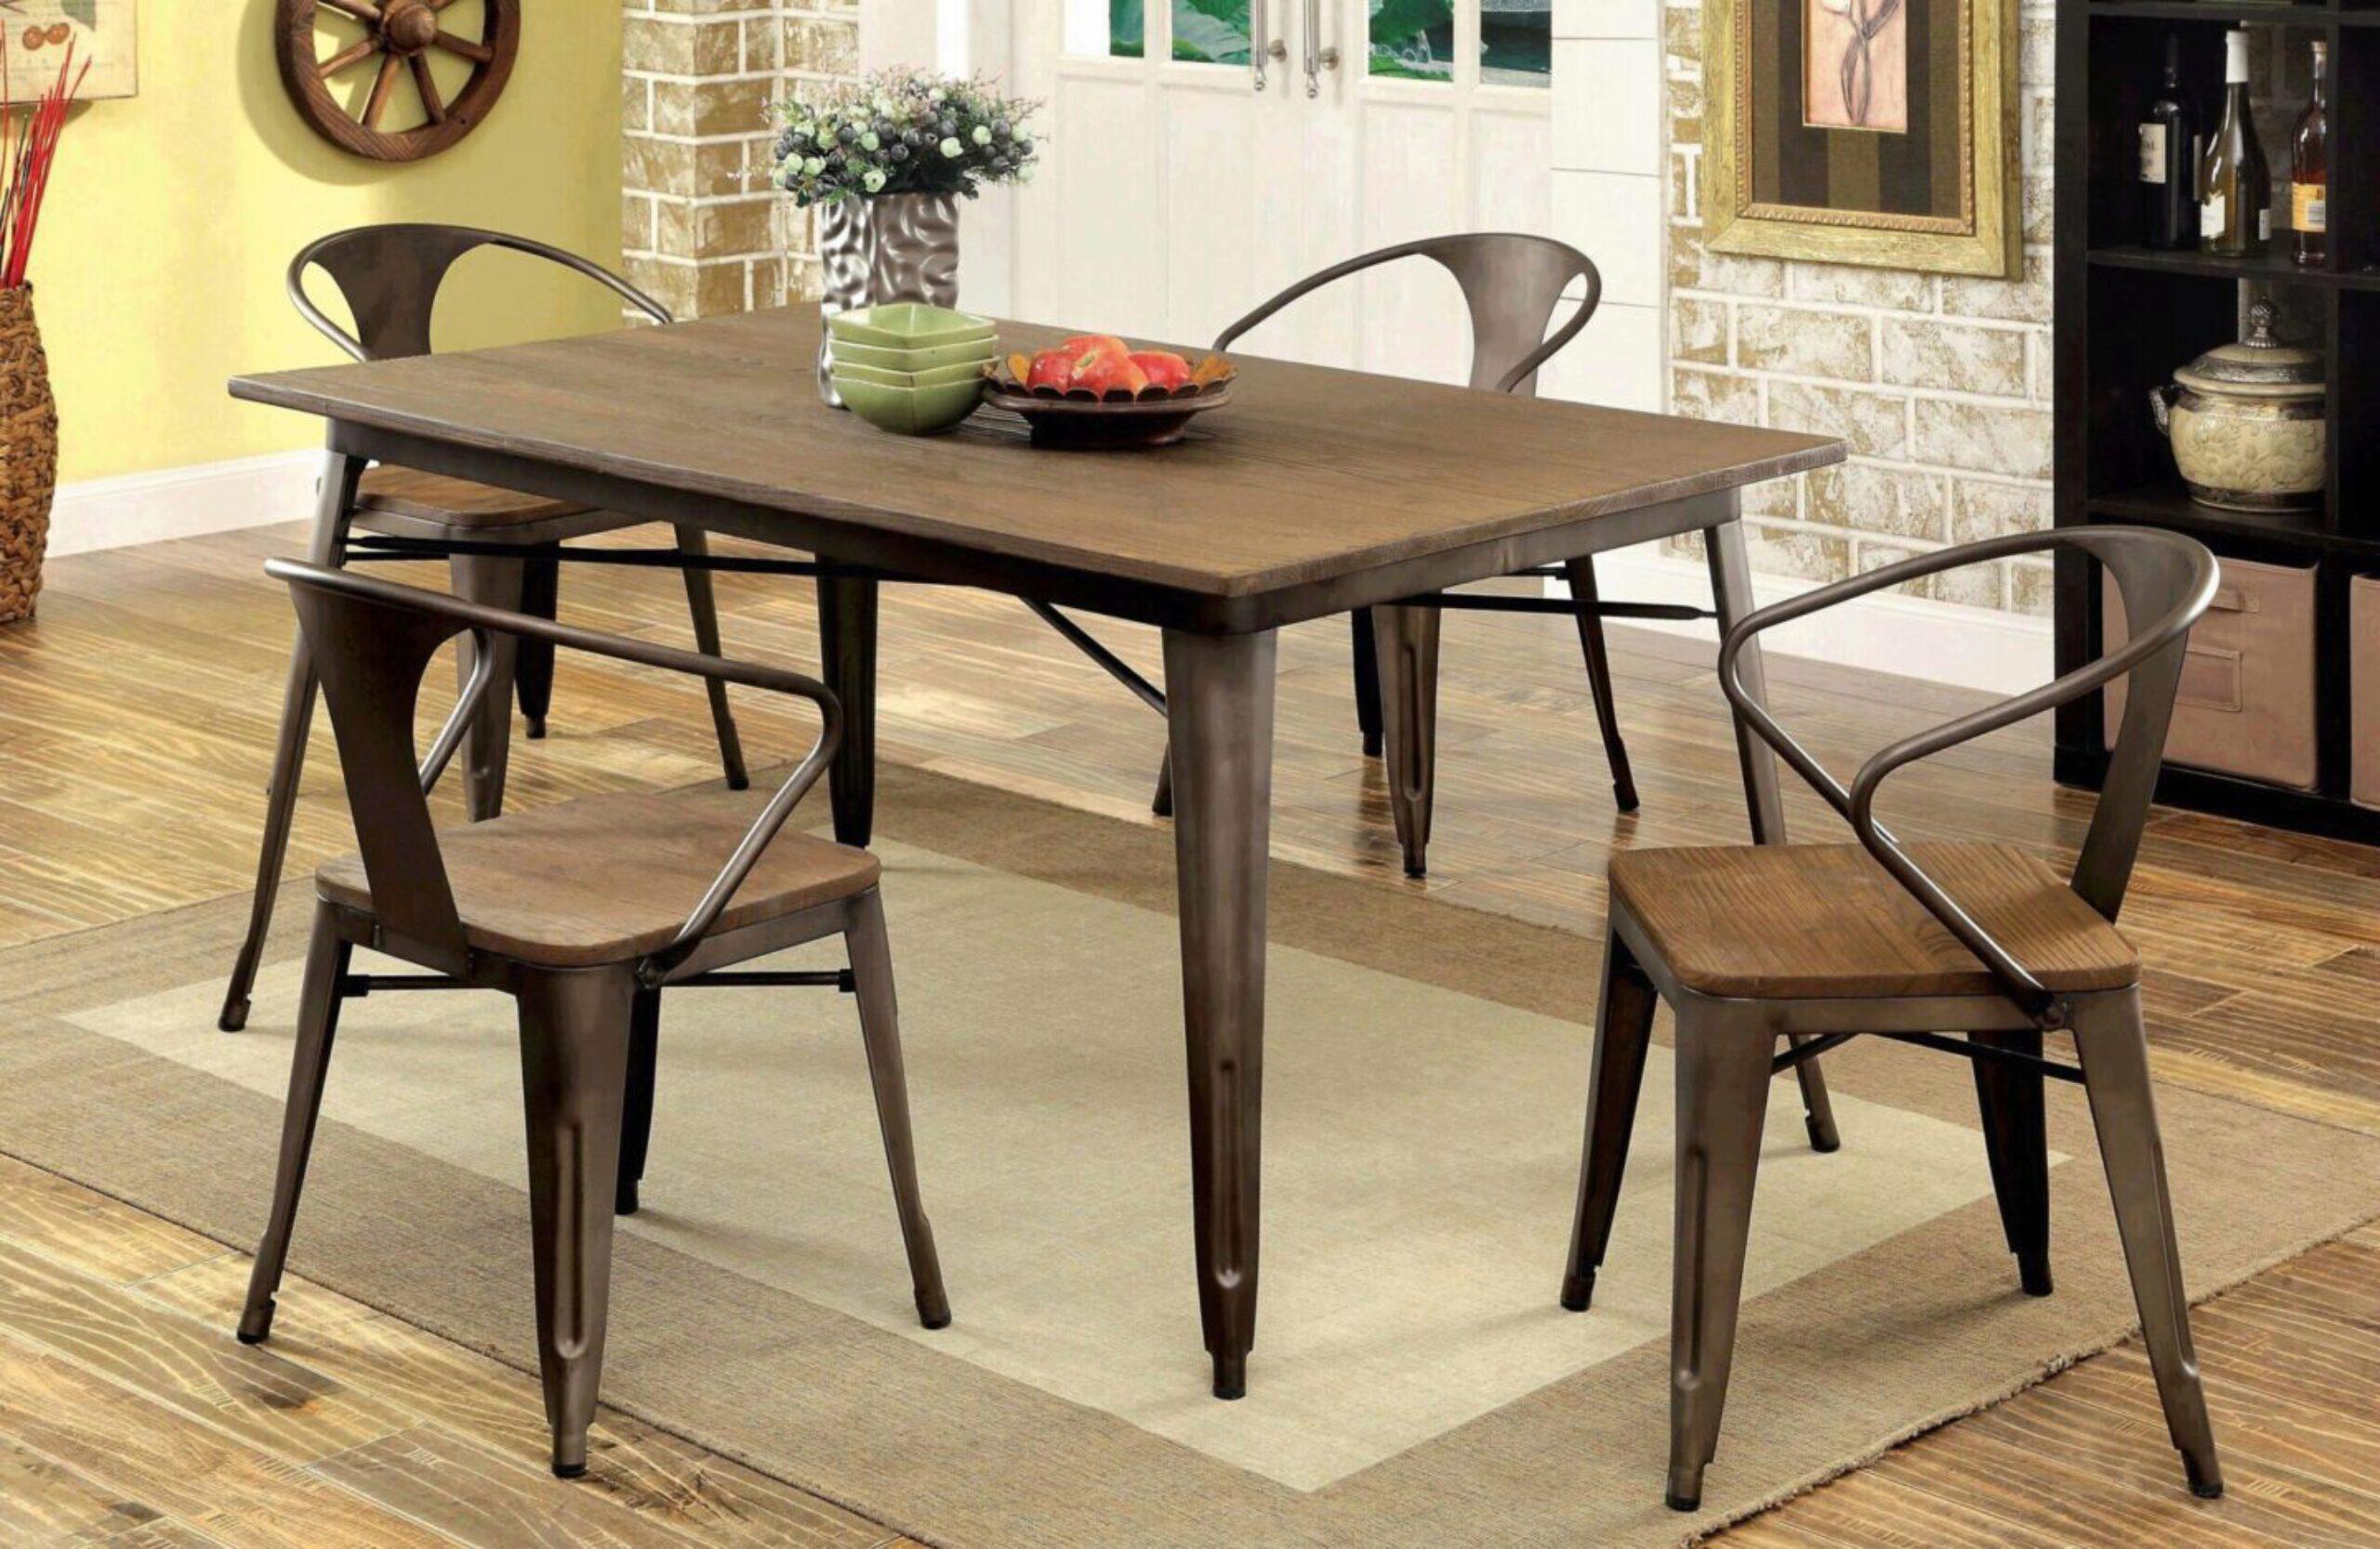 Natural Elm Dining Set 5pcs Cooper I, Industrial Style Dining Room Sets